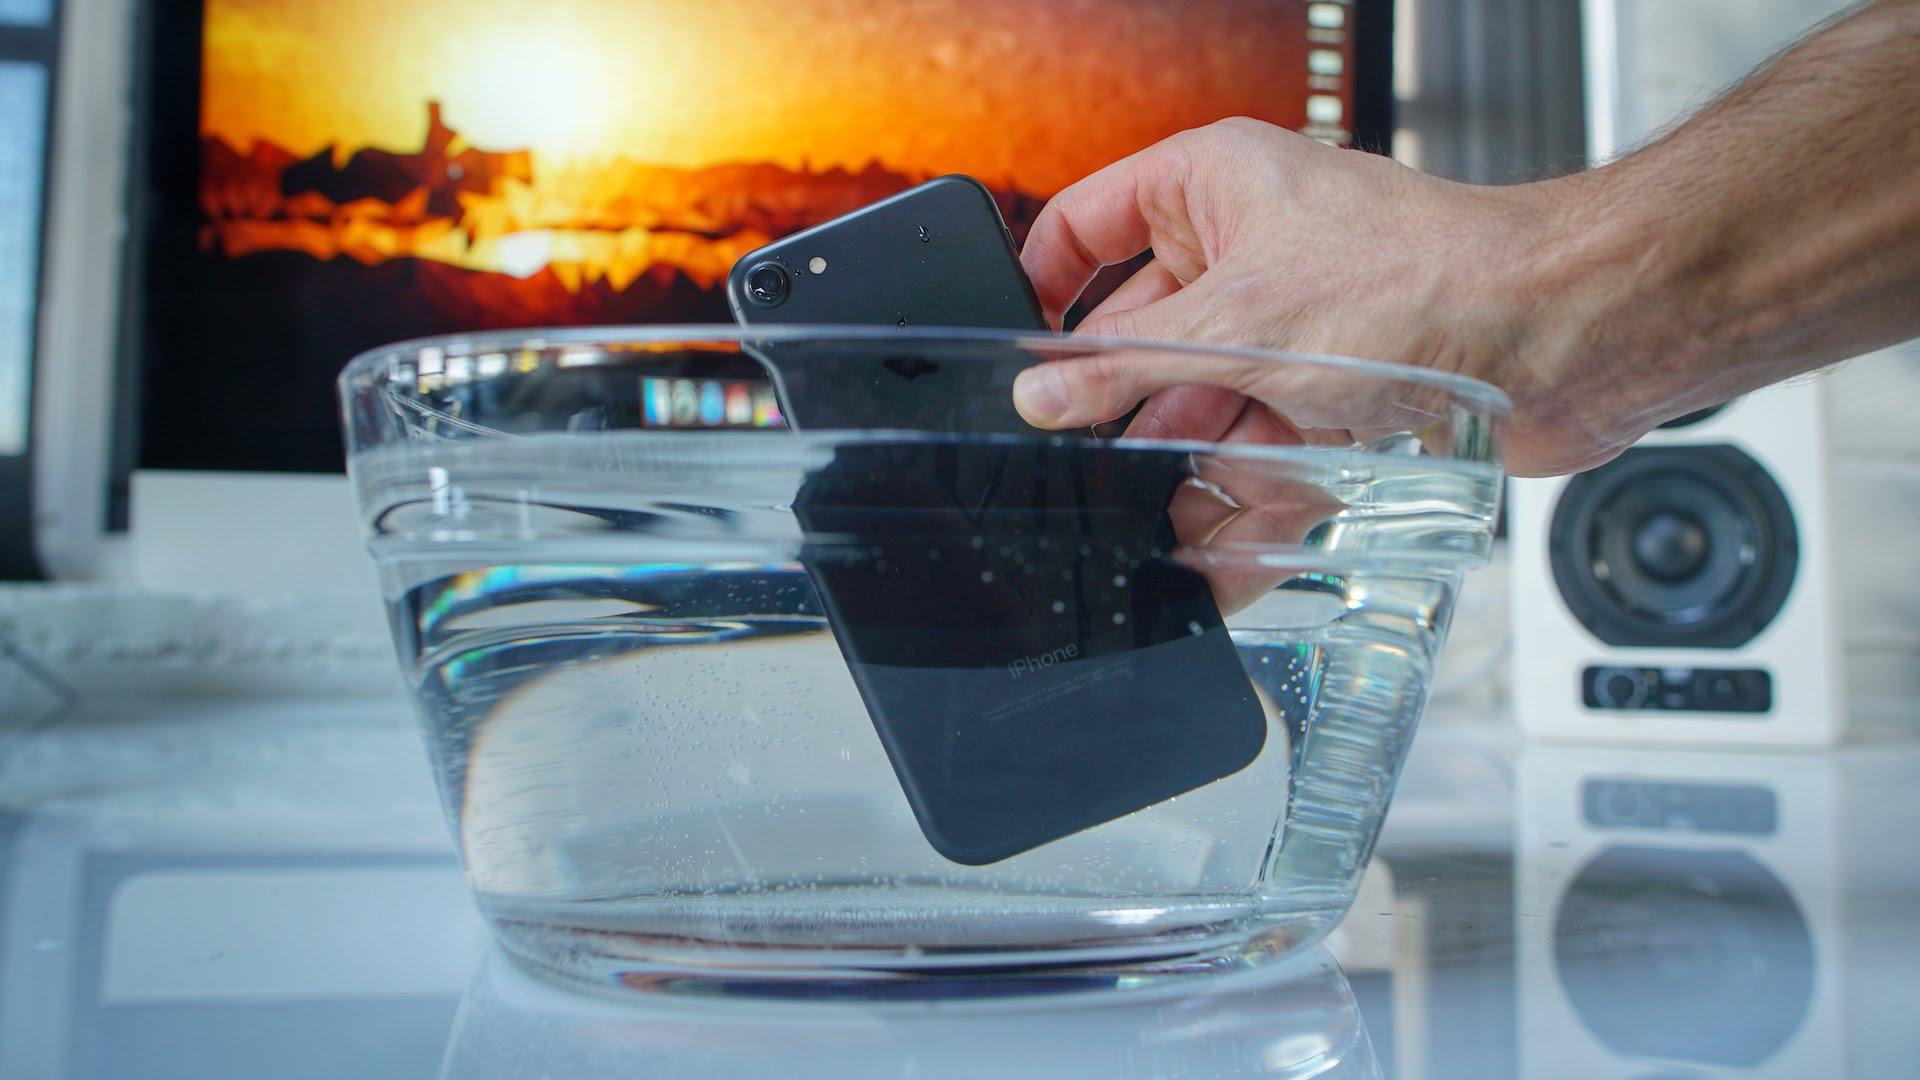 Фишки iPhone 7 и iPhone 7 PLUS